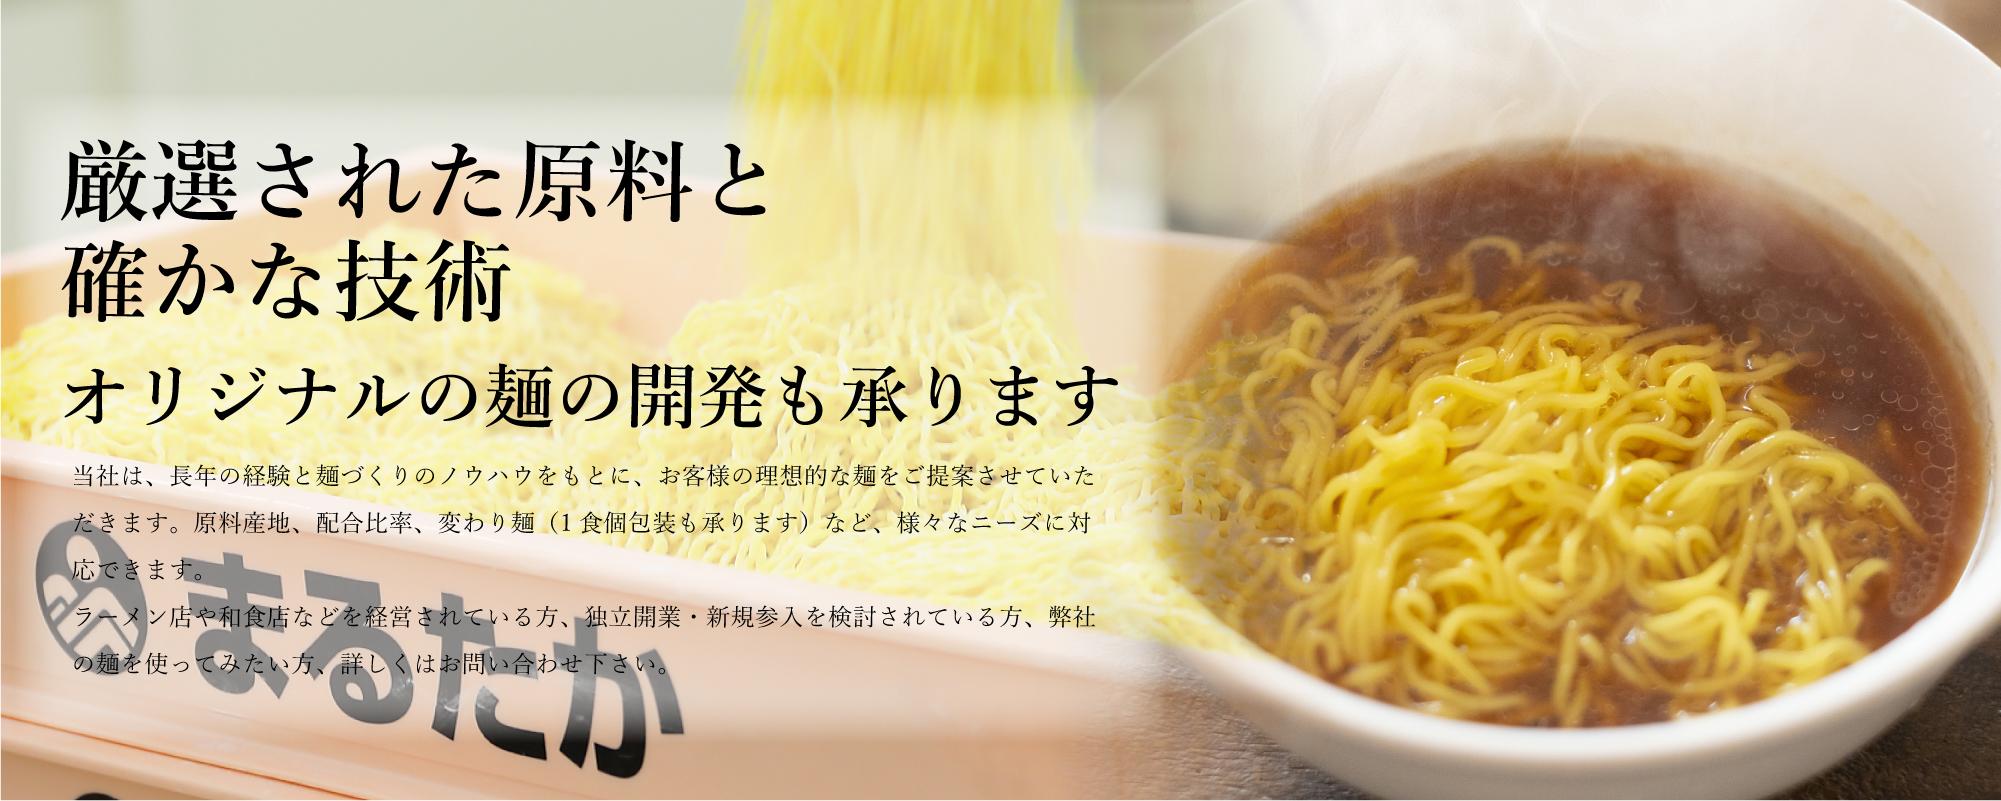 まるたか製麺